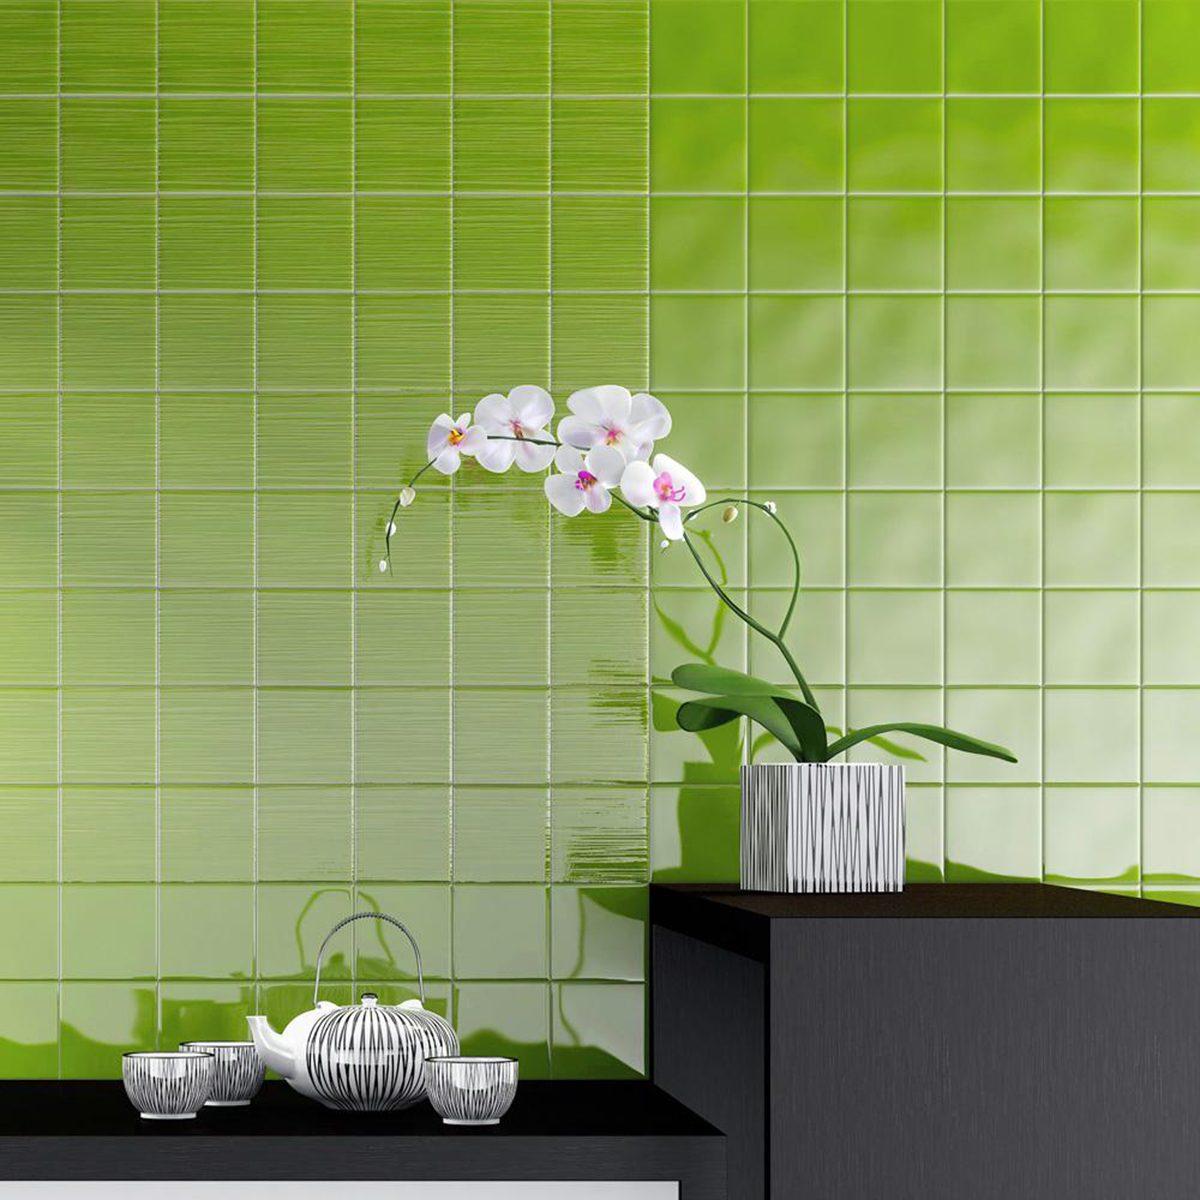 Flowers against green tile